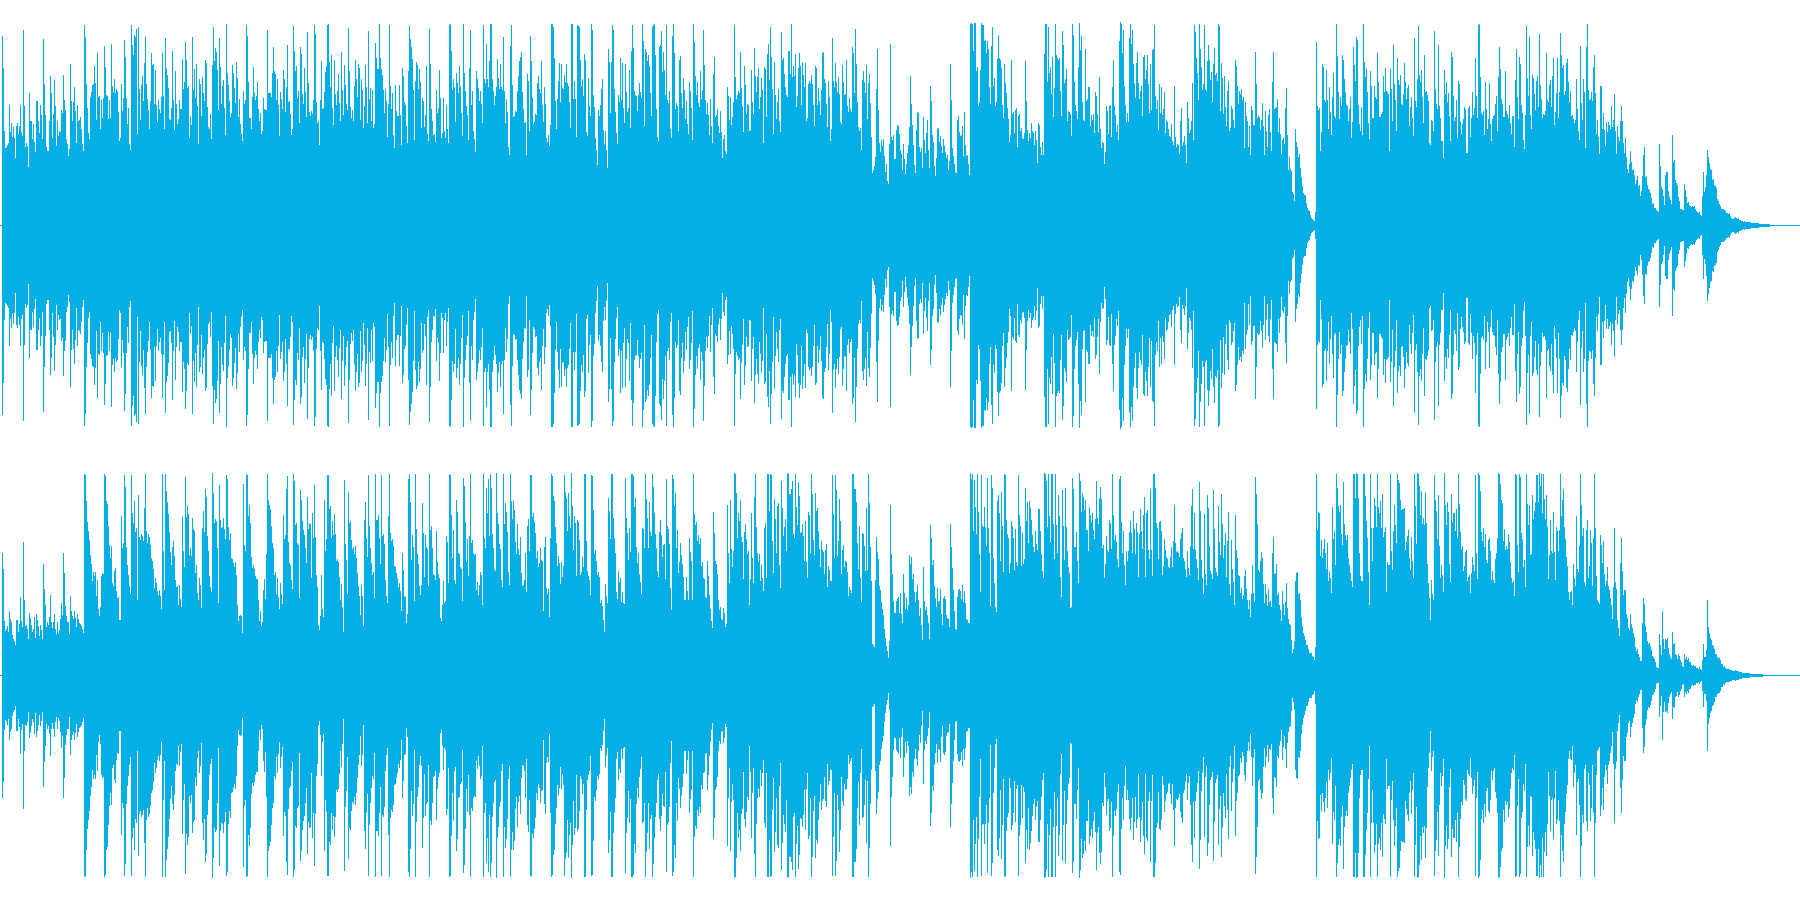 のどかで透明感のあるフォークギター曲の再生済みの波形